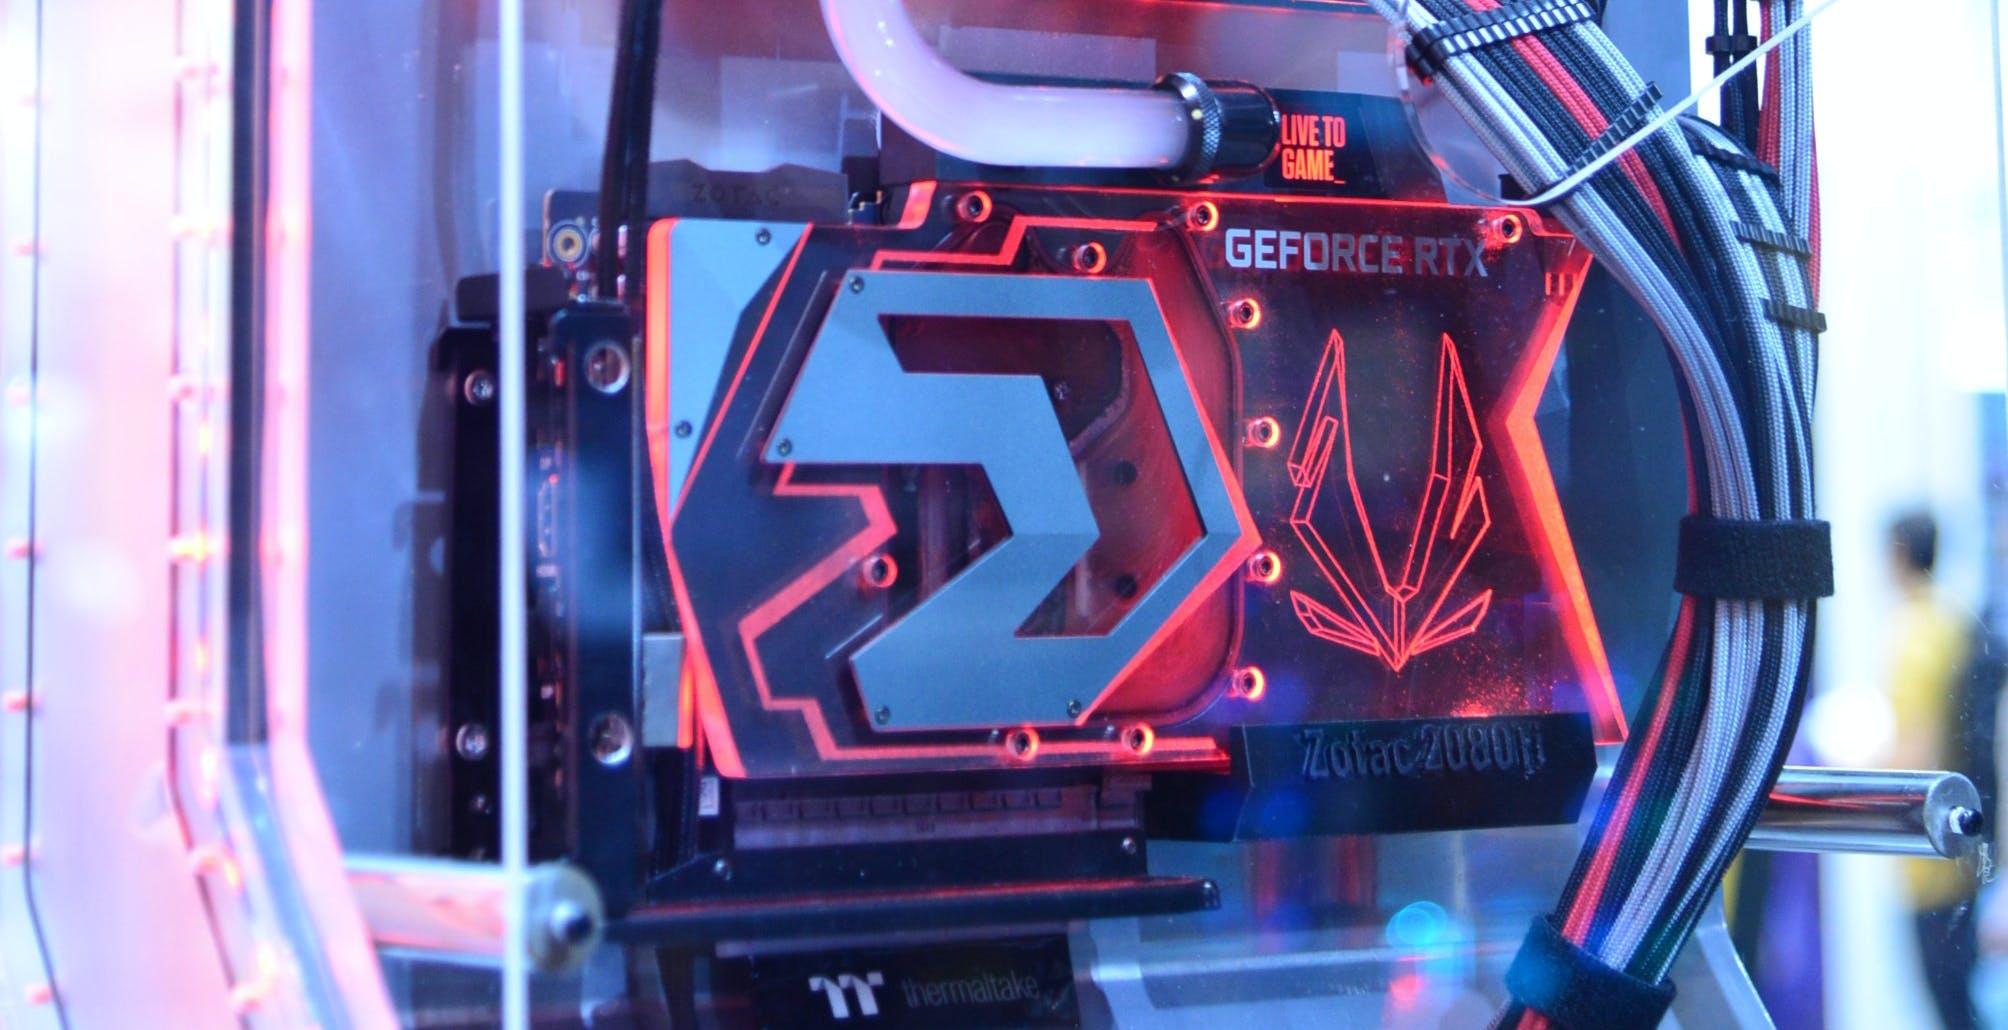 Venduto un tool che permette di eseguire malware sfruttando le schede grafiche Intel, AMD e Nvidia